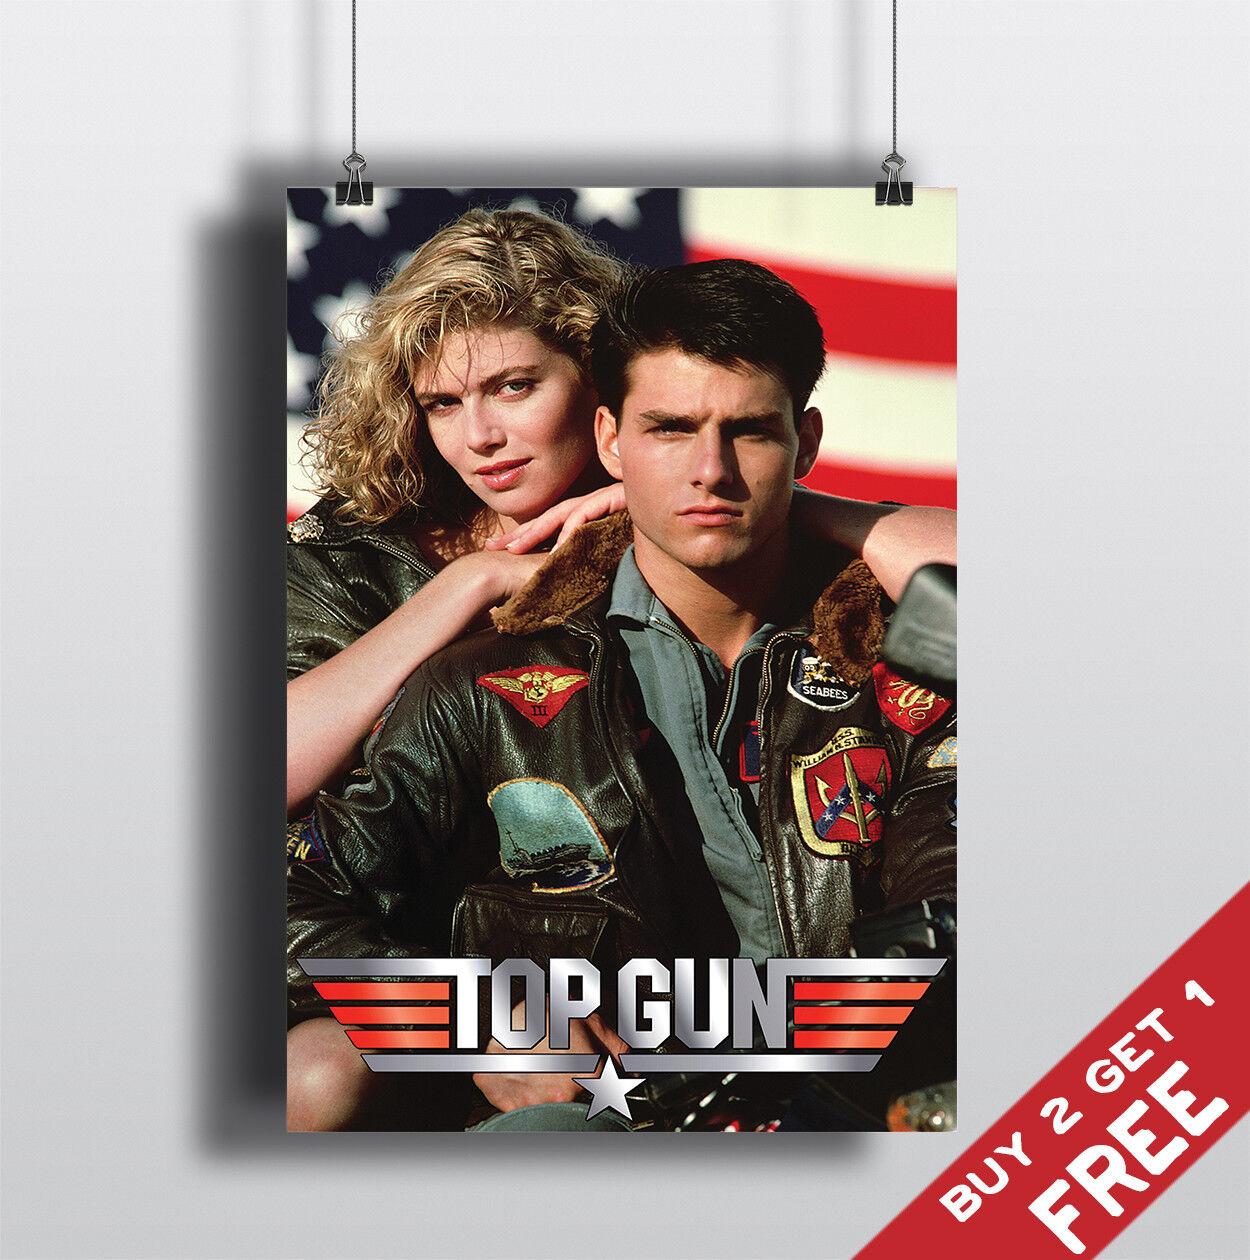 TOP GUN 1986 MOVIE POSTER Tom Cruise Film A3 A4 Fan Art Print Home Wall Decor